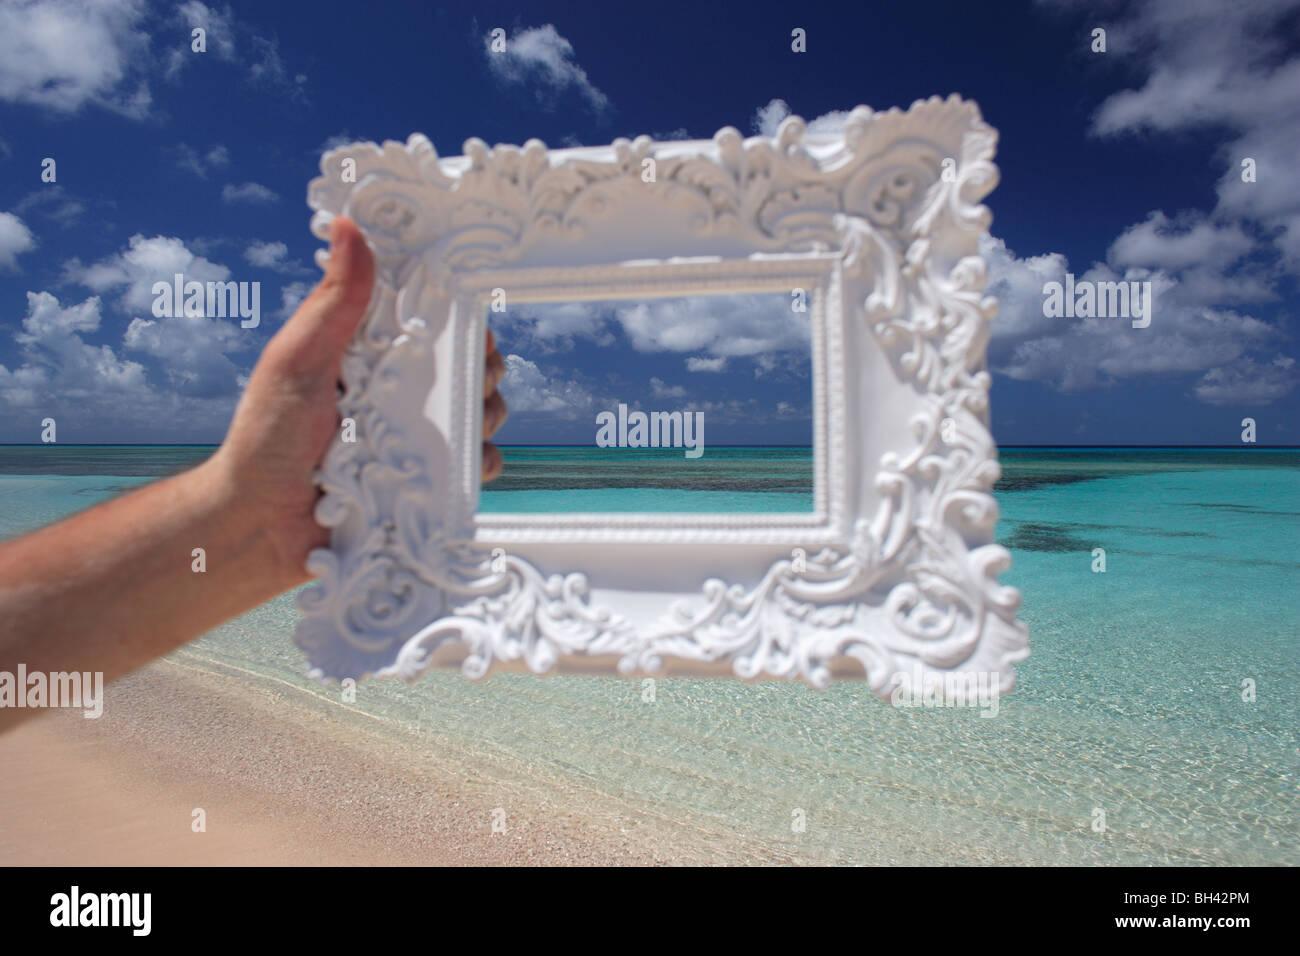 Dreams Stockfotos & Dreams Bilder - Alamy